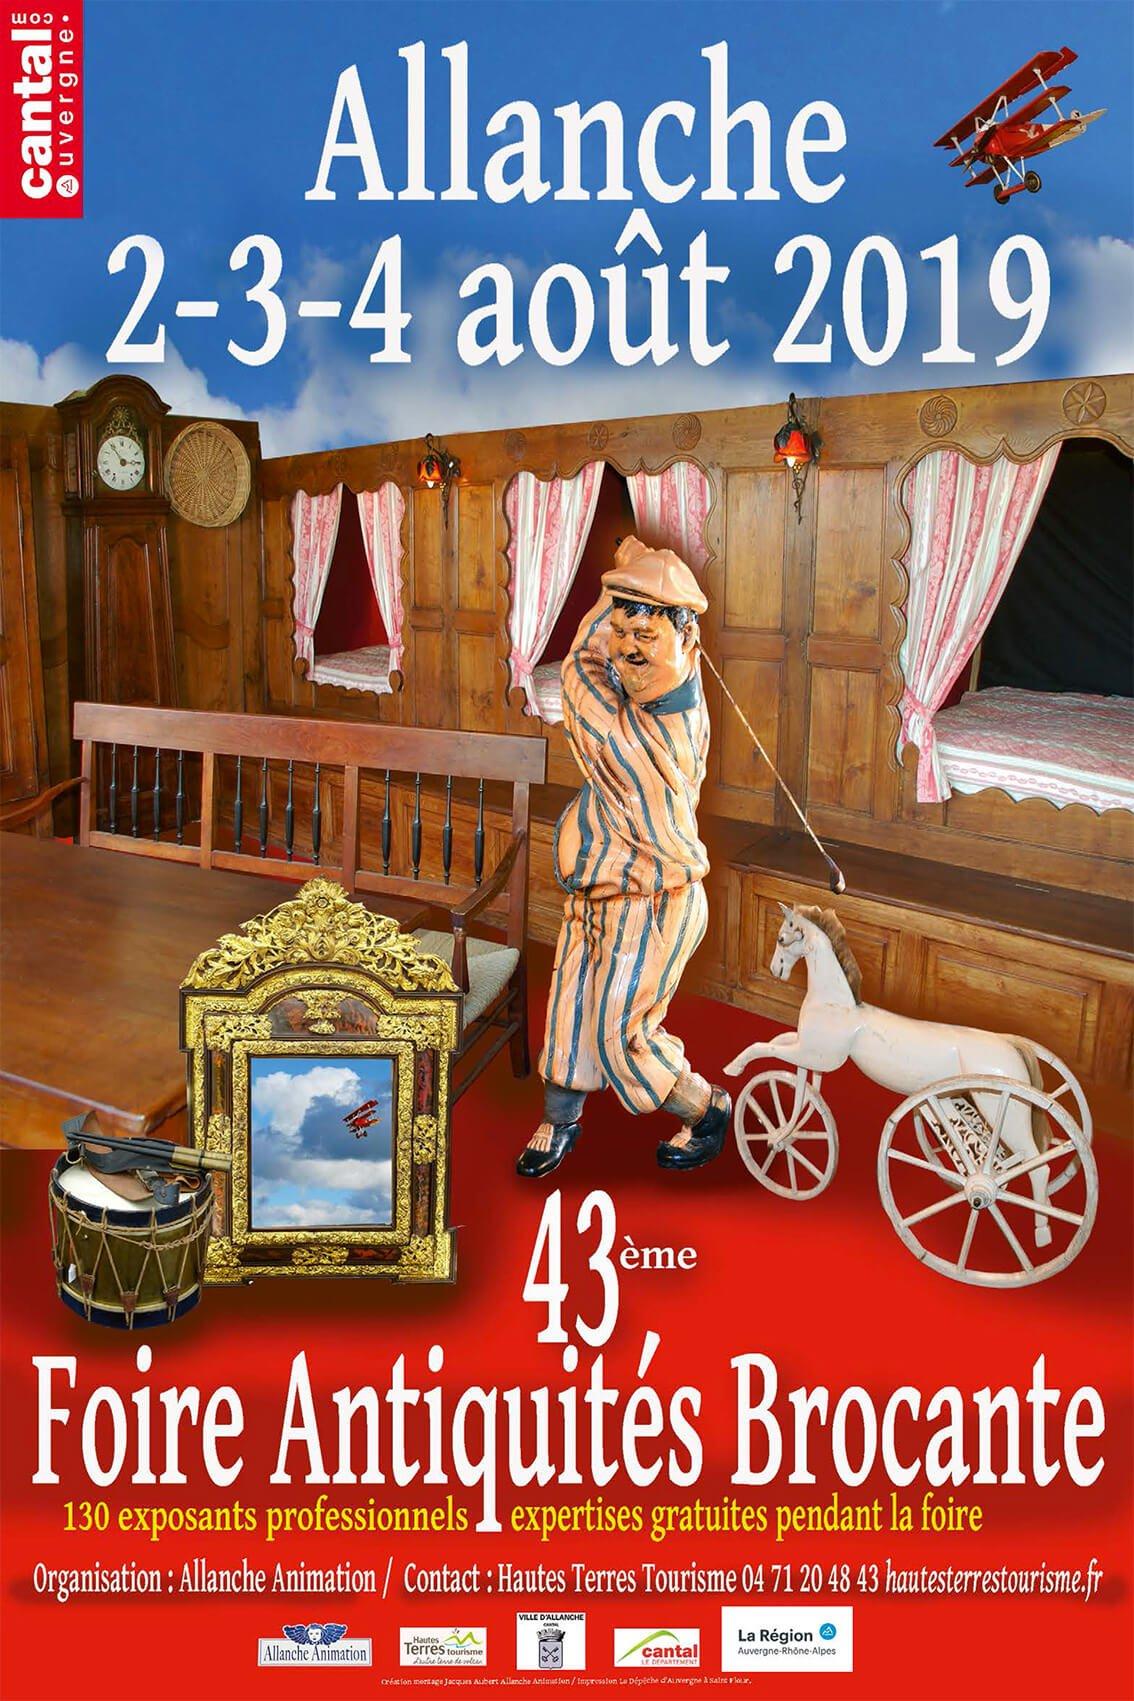 FOIRE À LA BROCANTE ET AUX ANTIQUITÉS 2-3-4 AOUT 2019 - ALLANCHE